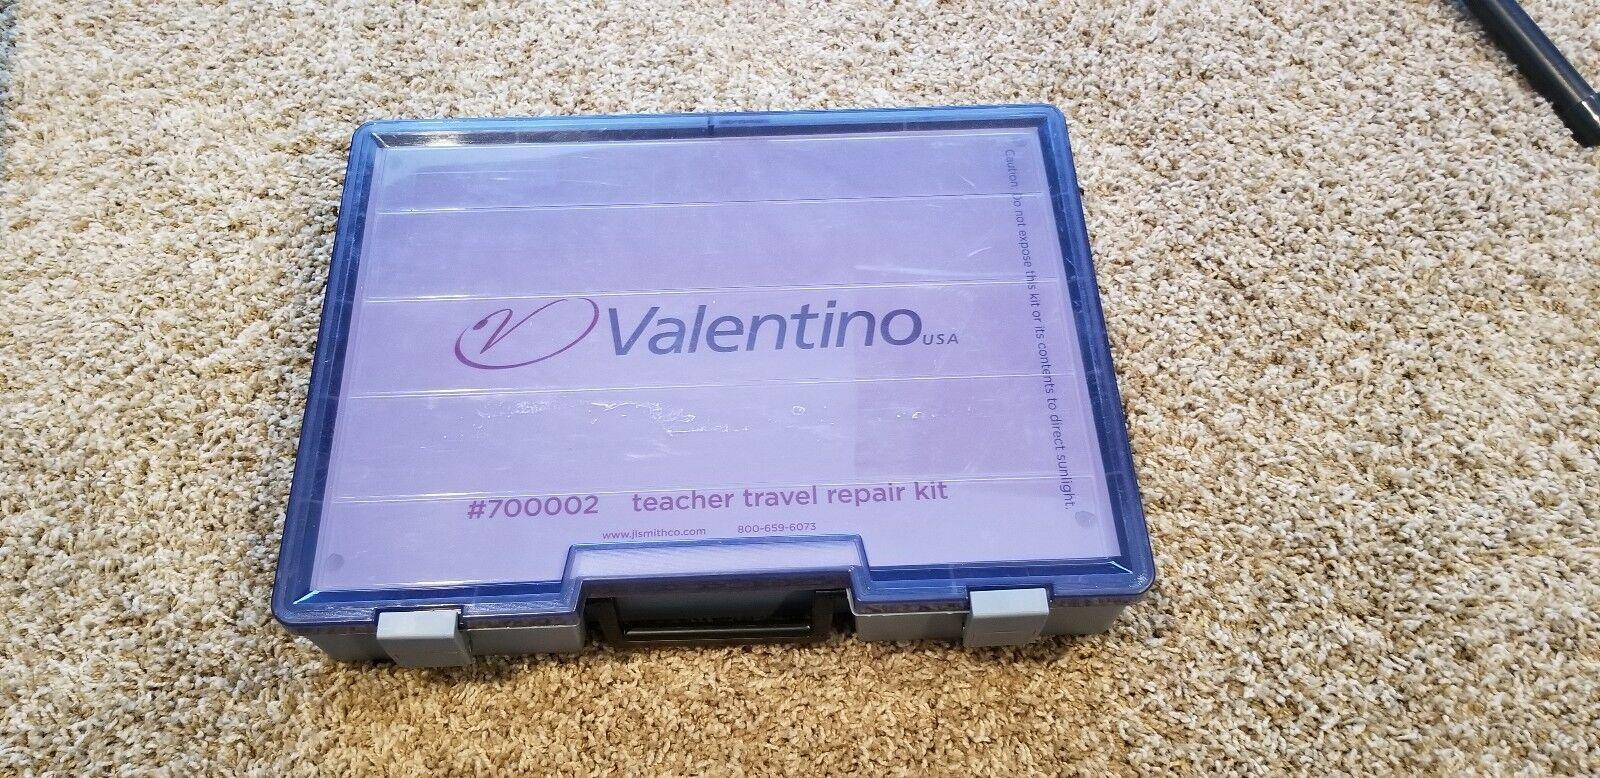 Valentino Teacher Travel Repair Kit